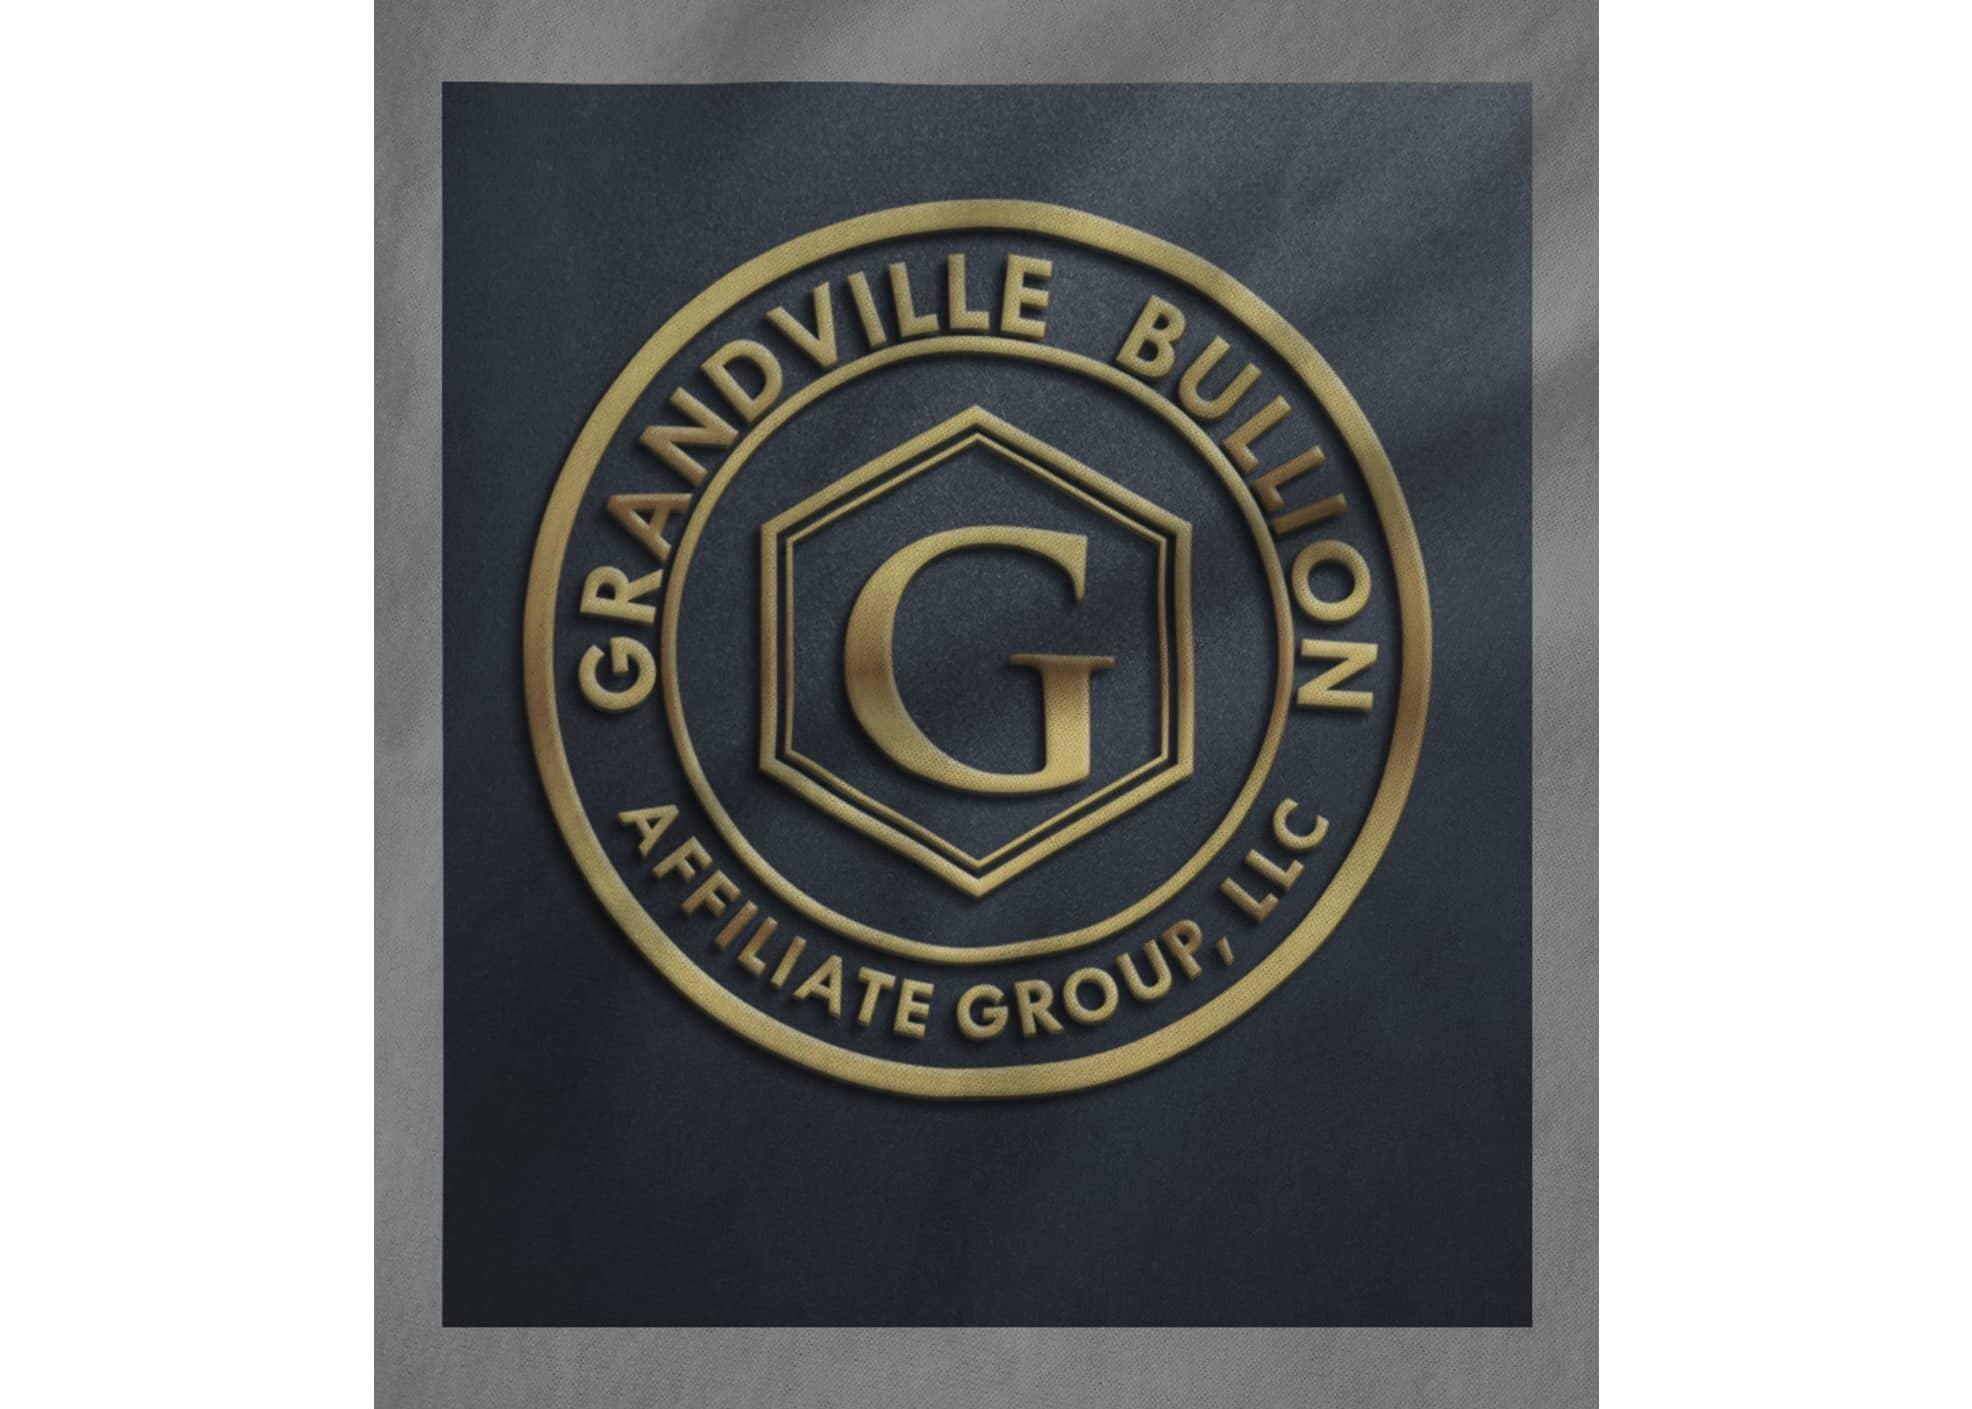 Grandville bullion group llc gray and gold  1629991104